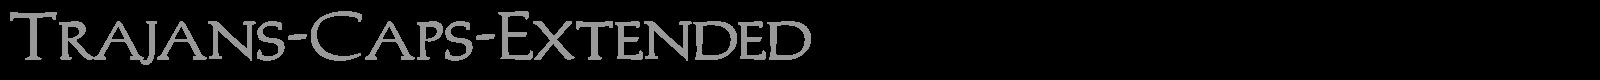 Download Free Font Trajan